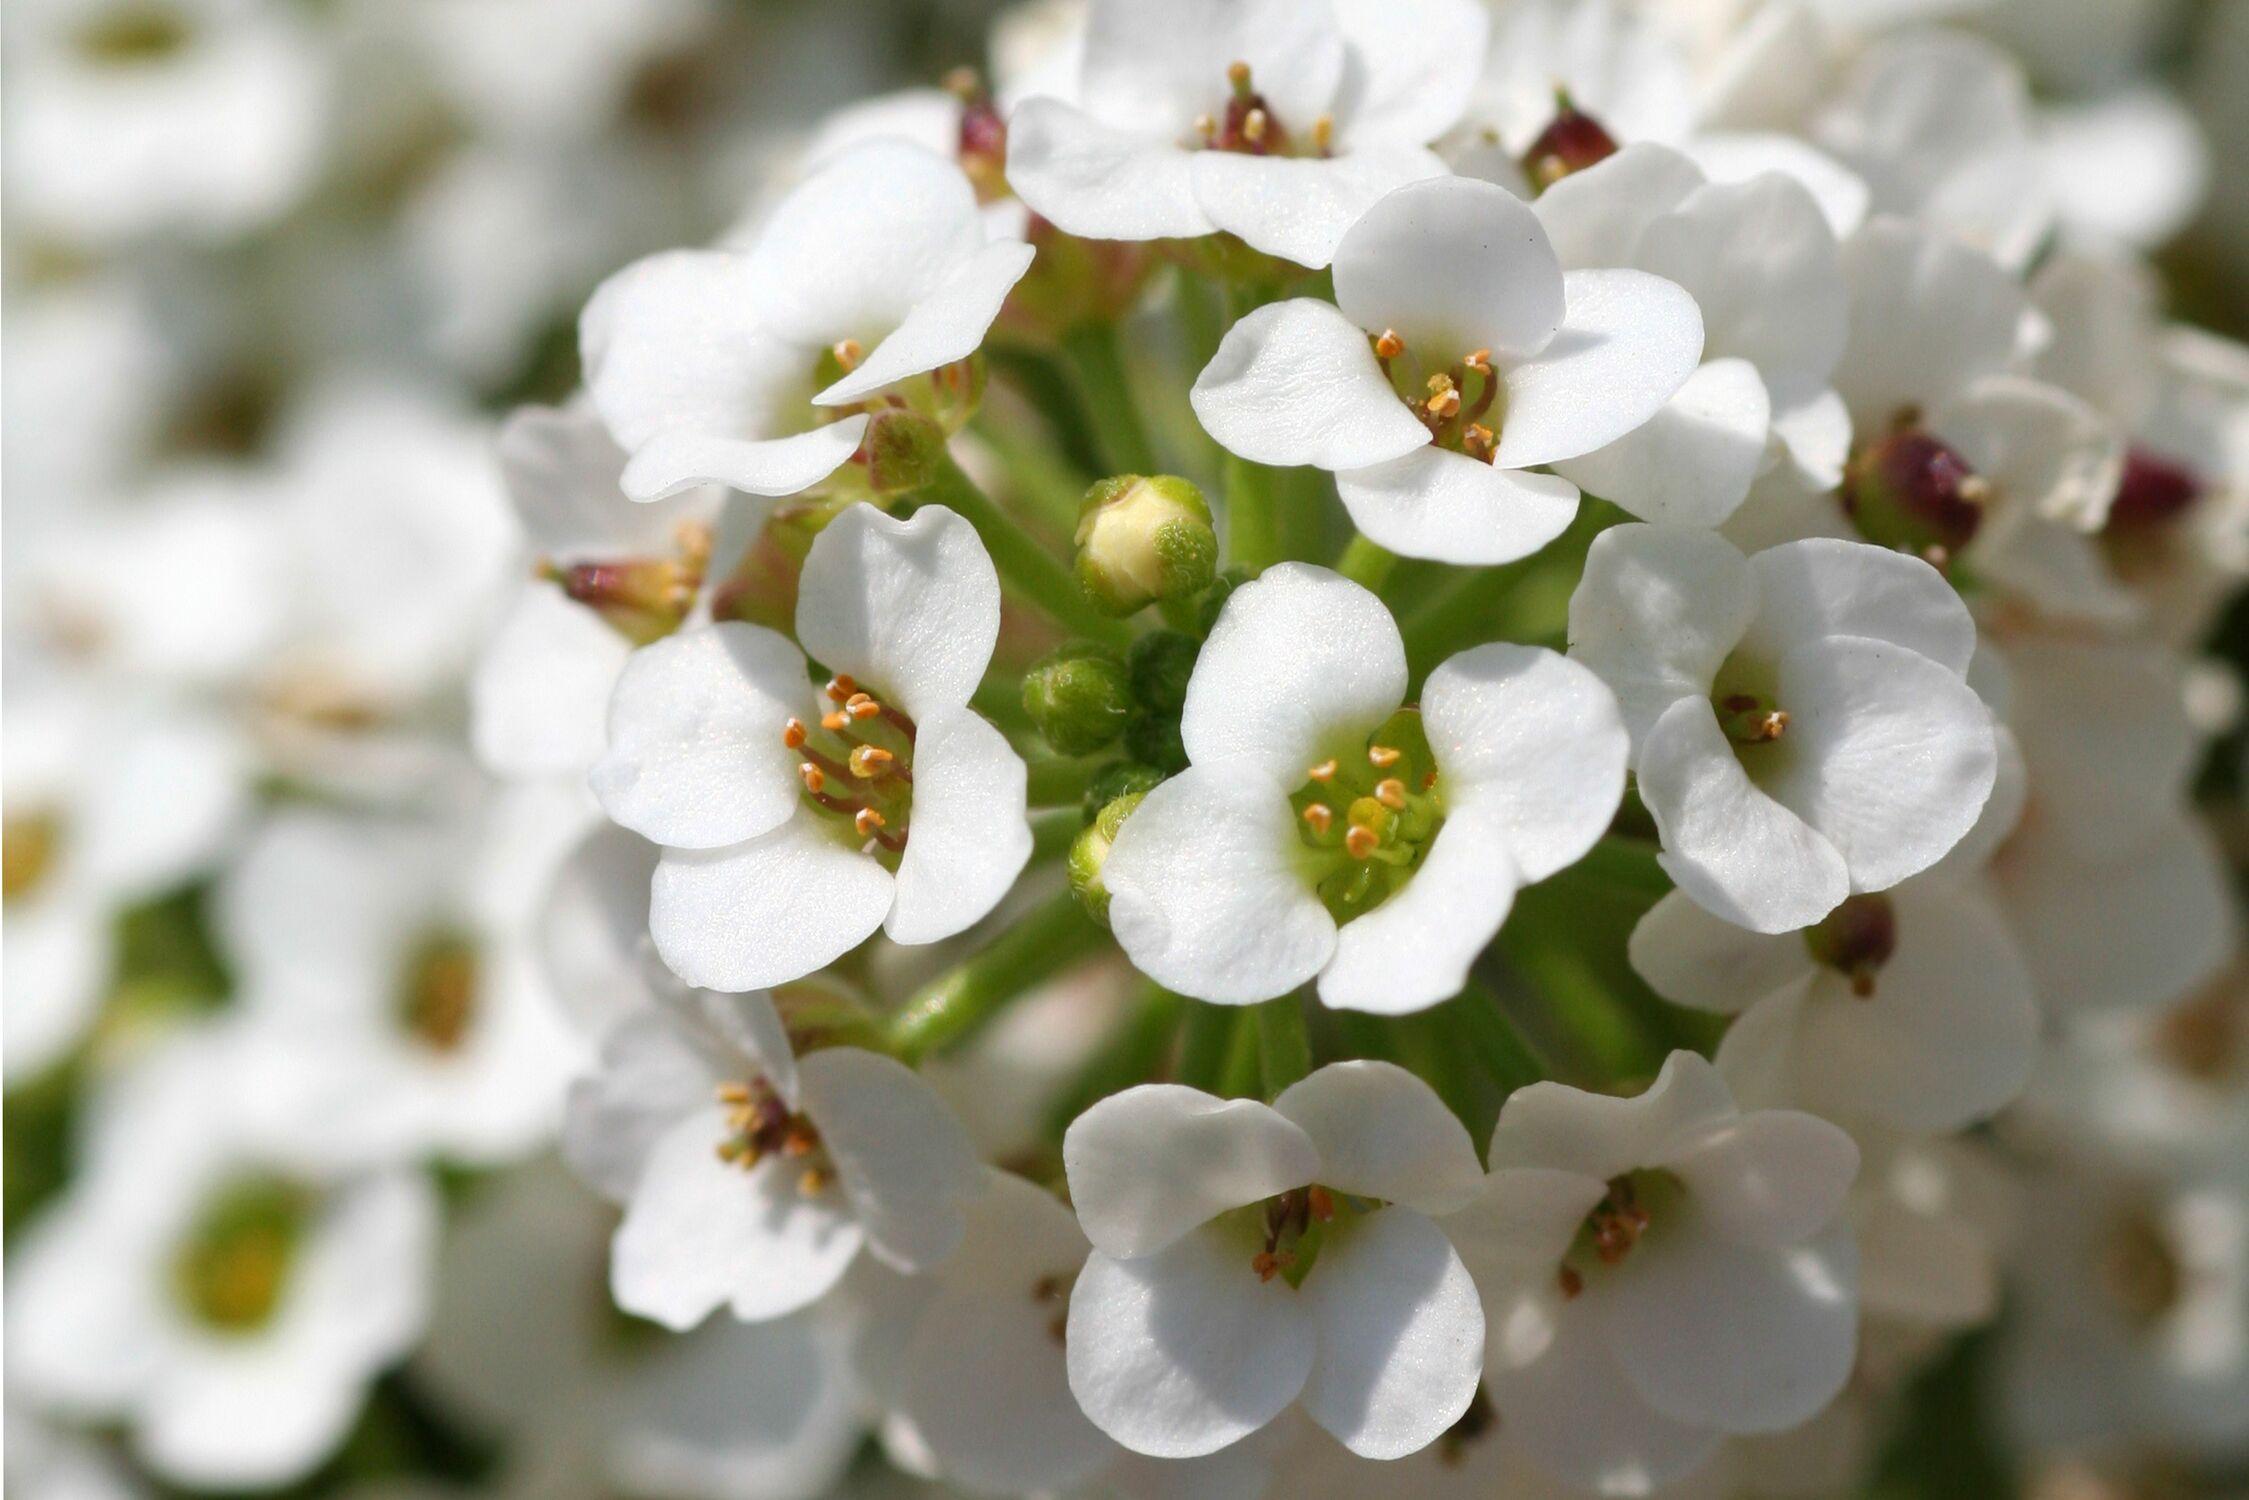 Bild mit Farben, Natur, Pflanzen, Jahreszeiten, Blumen, Weiß, Frühling, Blume, Pflanze, männertreu